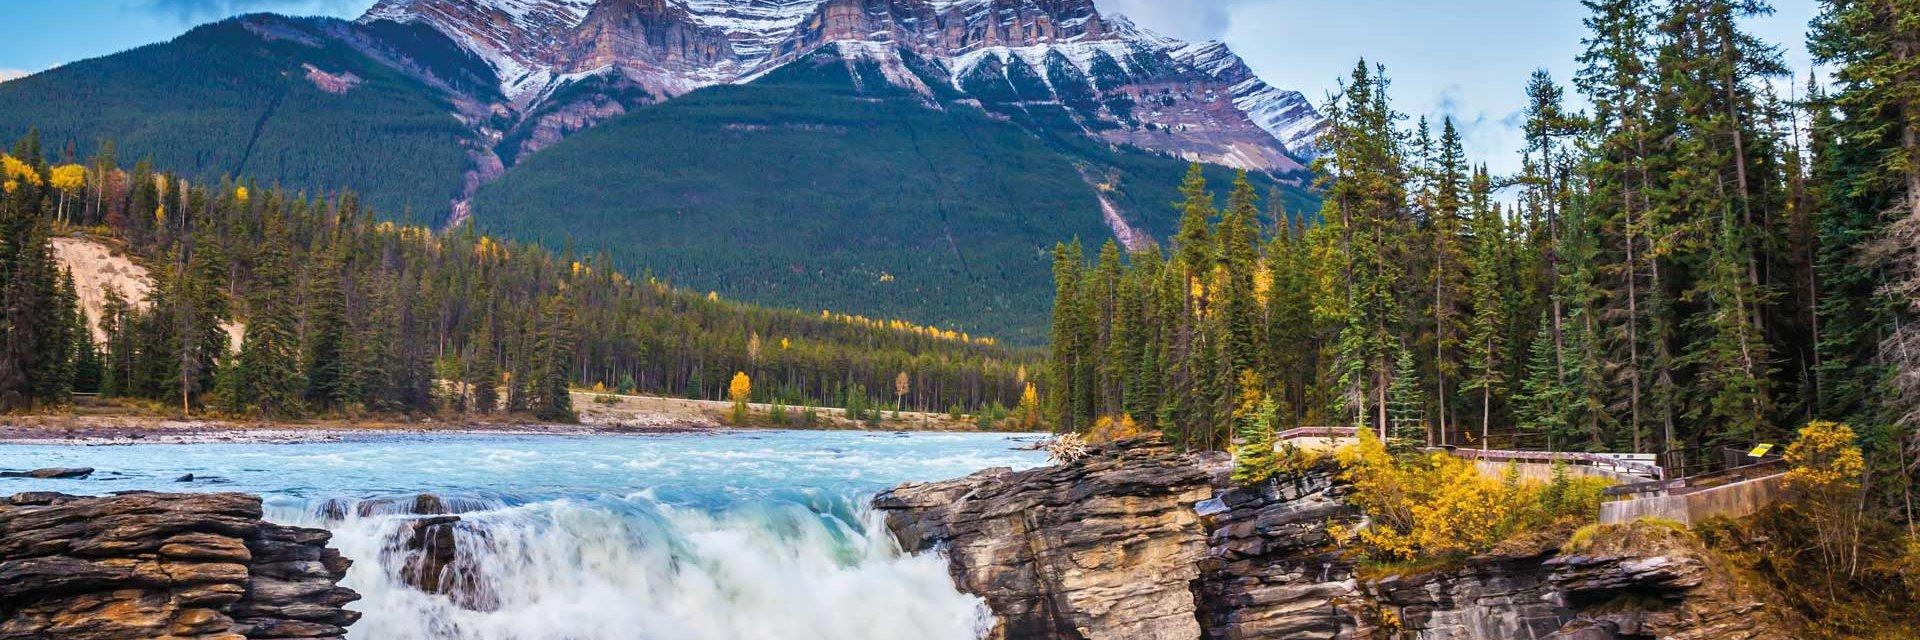 Escapade dans l'Ouest canadien incluant le Stampede